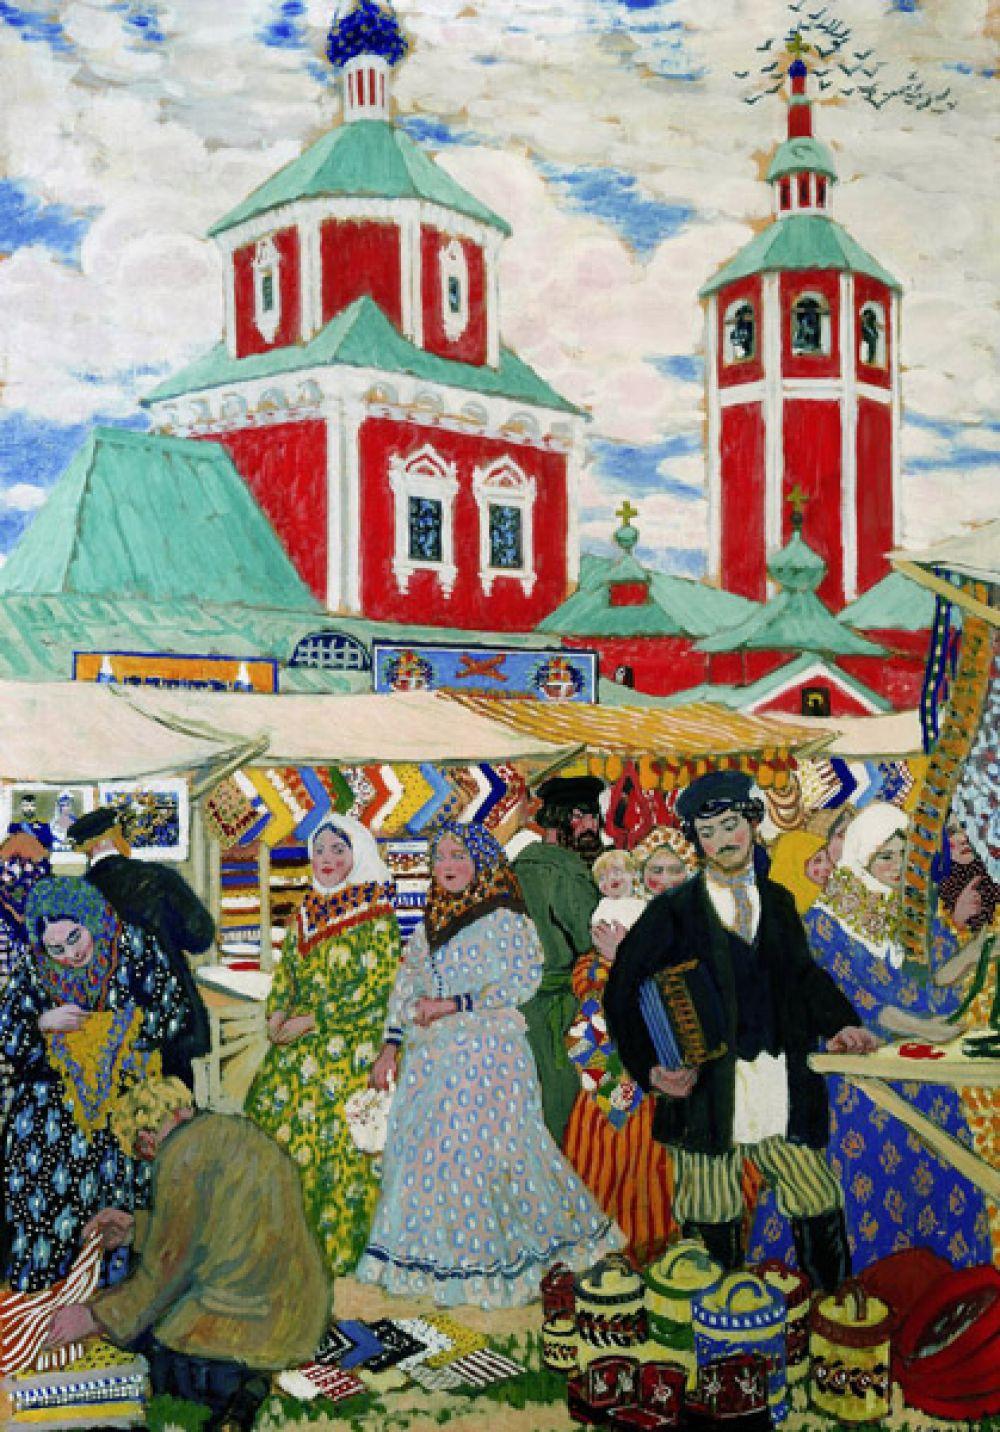 Но интересы Кустодиева выходили и за рамки портрета. В начале 1900-х он несколько лет подряд выезжал на натурные работы в Костромскую губернию и в 1906 году представил серию полотен на тему крестьянского и мещанско-купеческого быта. «Ярмарка» (1910).